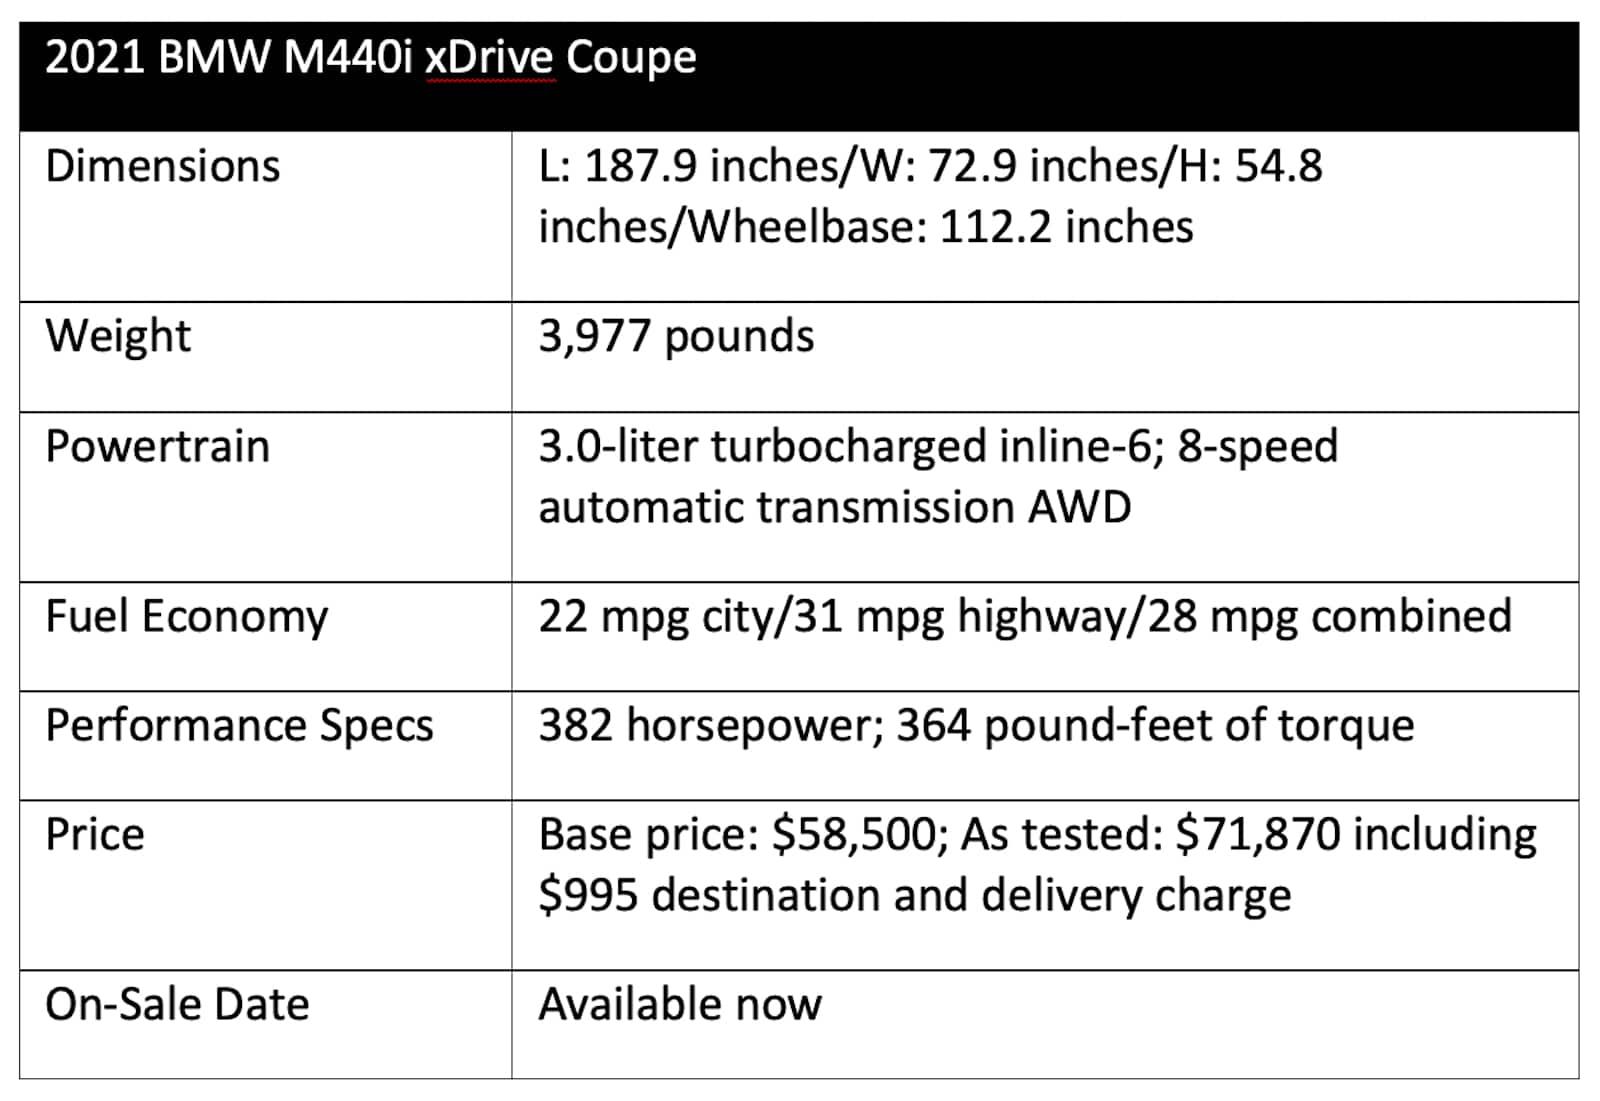 2021 BMW M440i chart